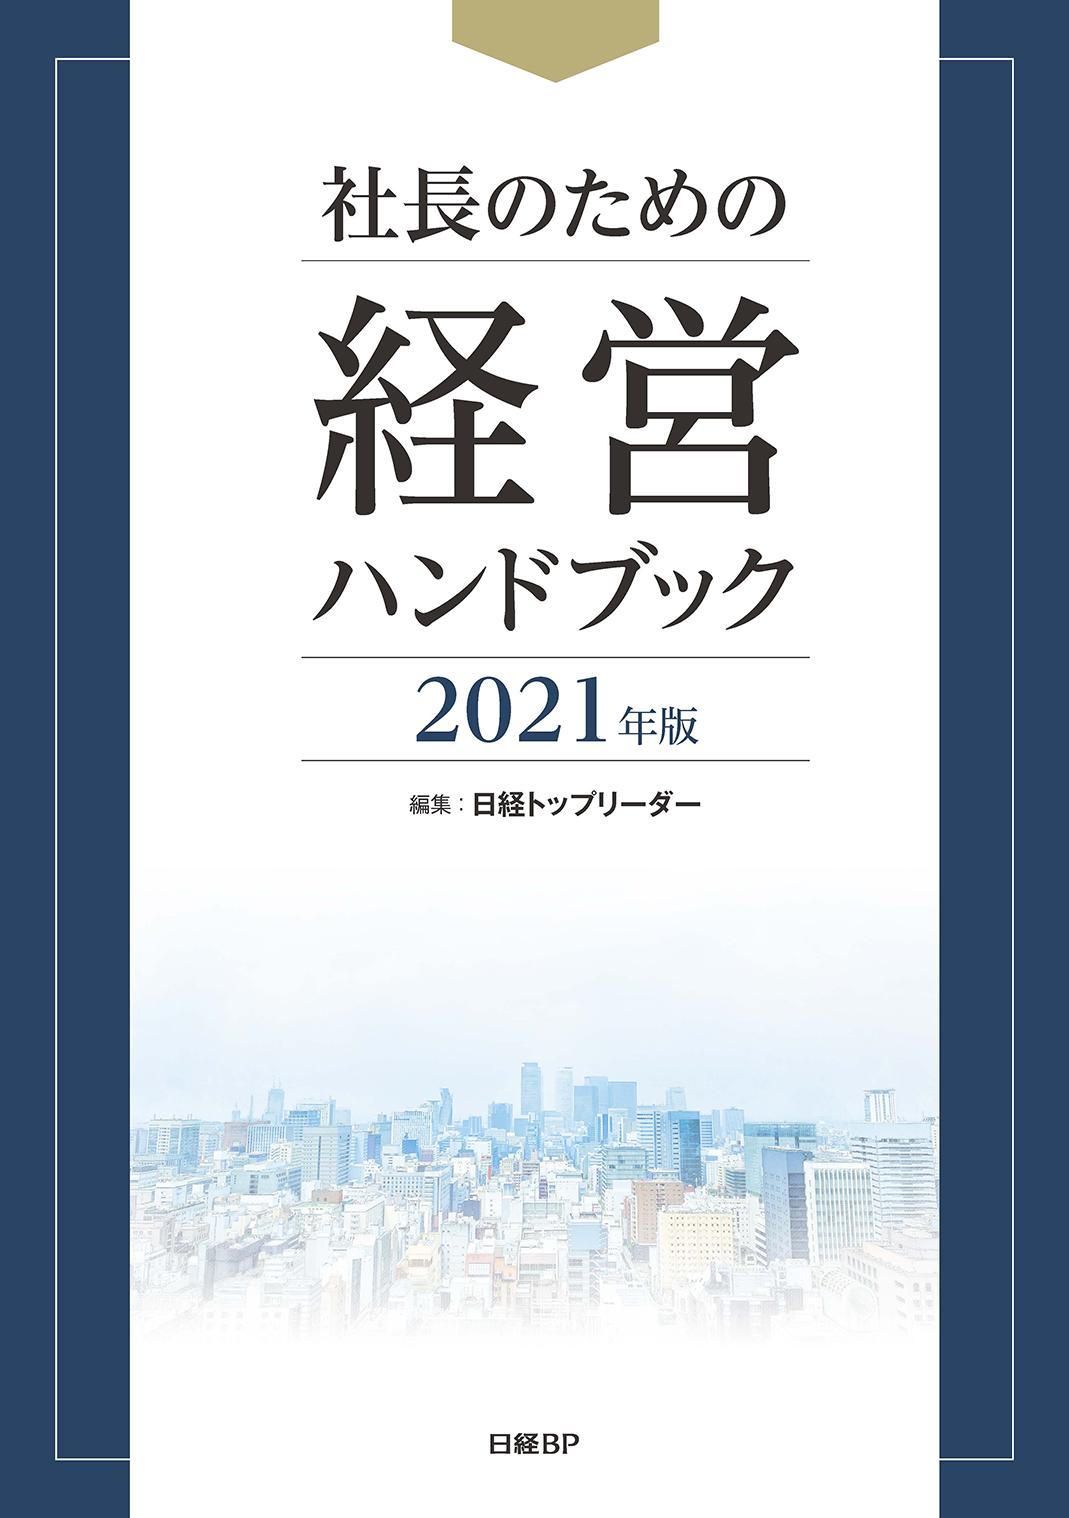 社長のための経営ハンドブック  2021年版